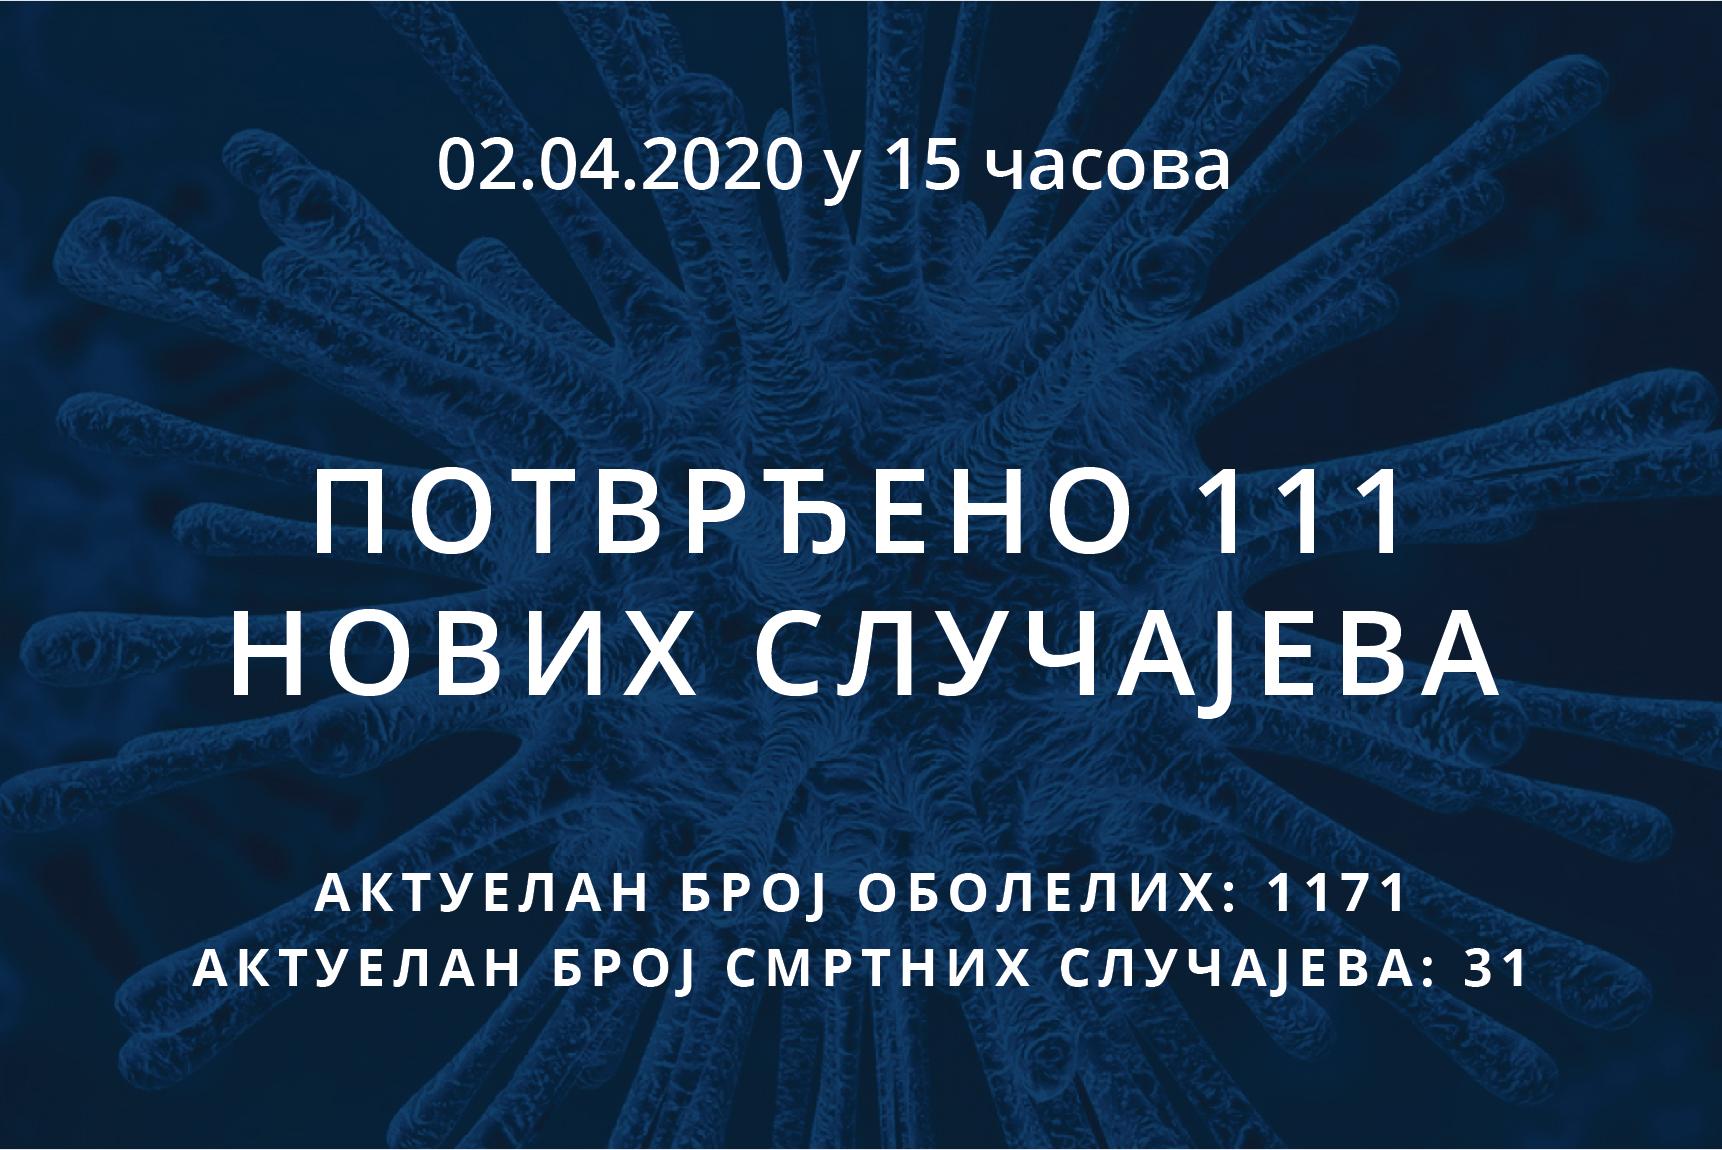 Информације о корона вирусу COVID-19, 02.04.2020 у 15 часова